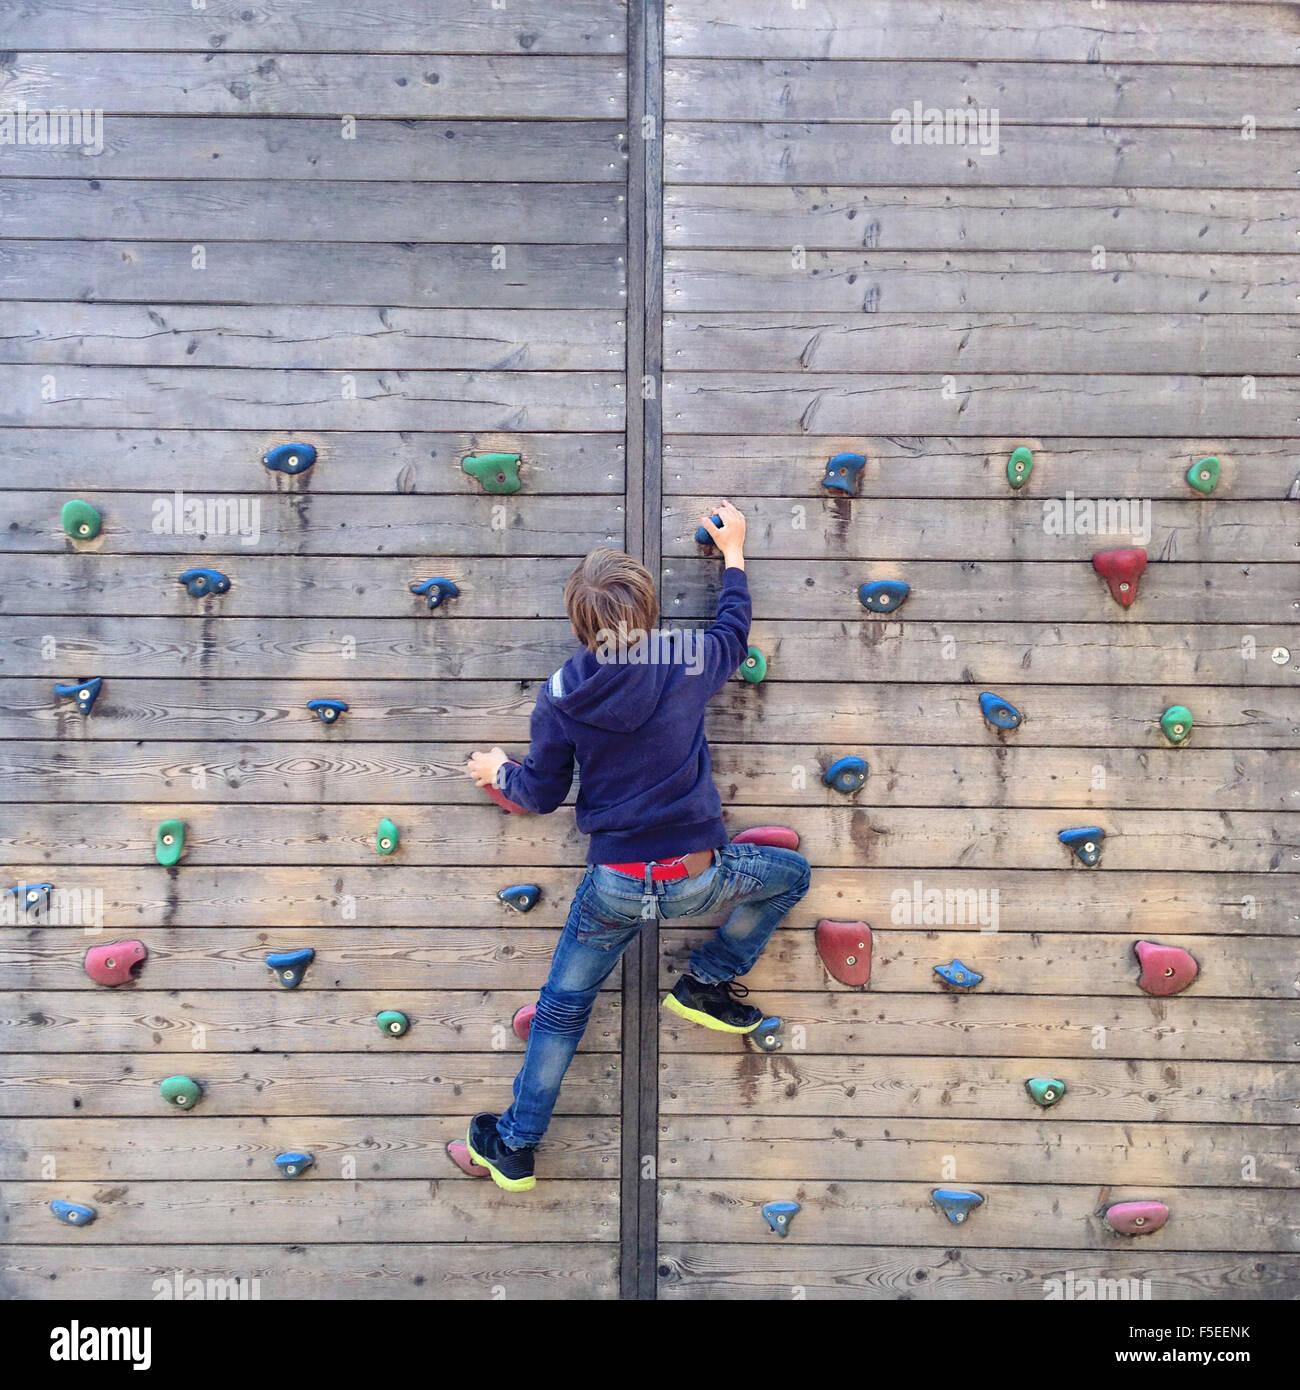 Ragazzo salendo sulla parete di arrampicata Immagini Stock